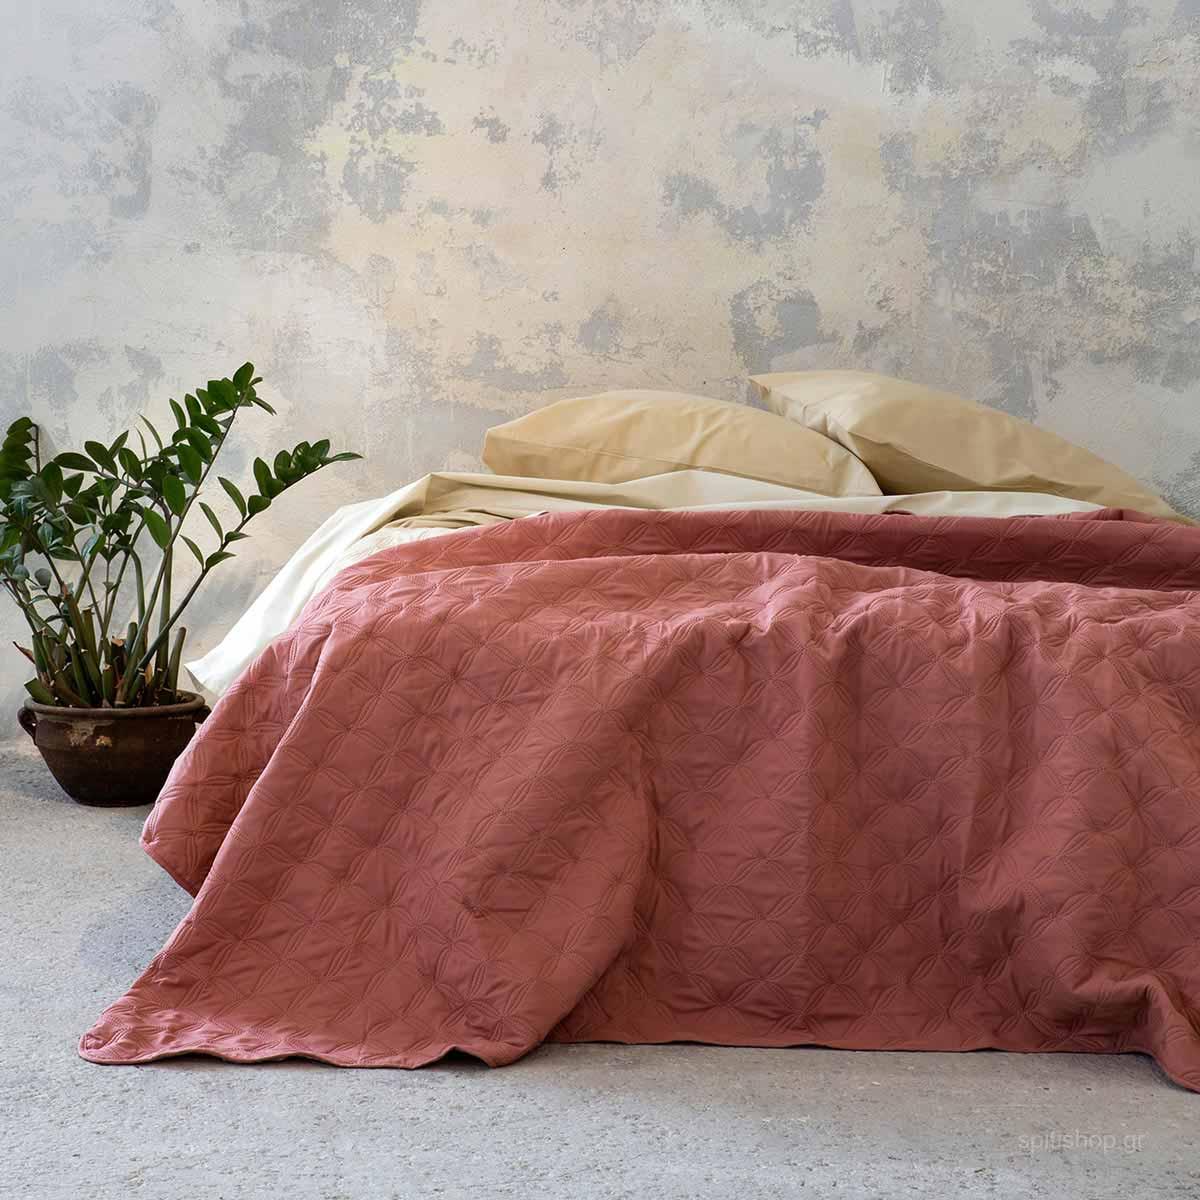 Κουβερλί King Size 2 Όψεων Nima Bed Linen Cuento Tan